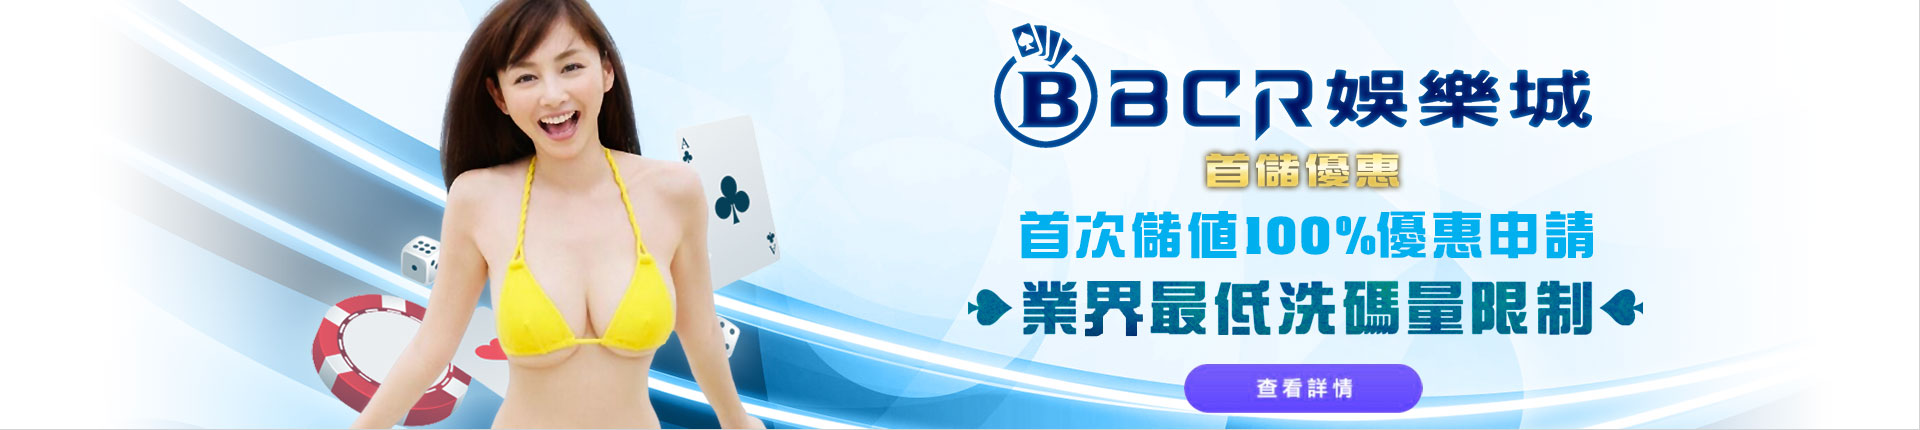 娛樂城,百家樂,體育博彩,虛擬體育,電子遊戲,彩票遊戲,棋牌遊戲,BCR百家樂,BCR體育博彩,BCR虛擬體育,BCR電子遊戲,BCR彩票遊戲,BCR棋牌遊戲,BCR娛樂城